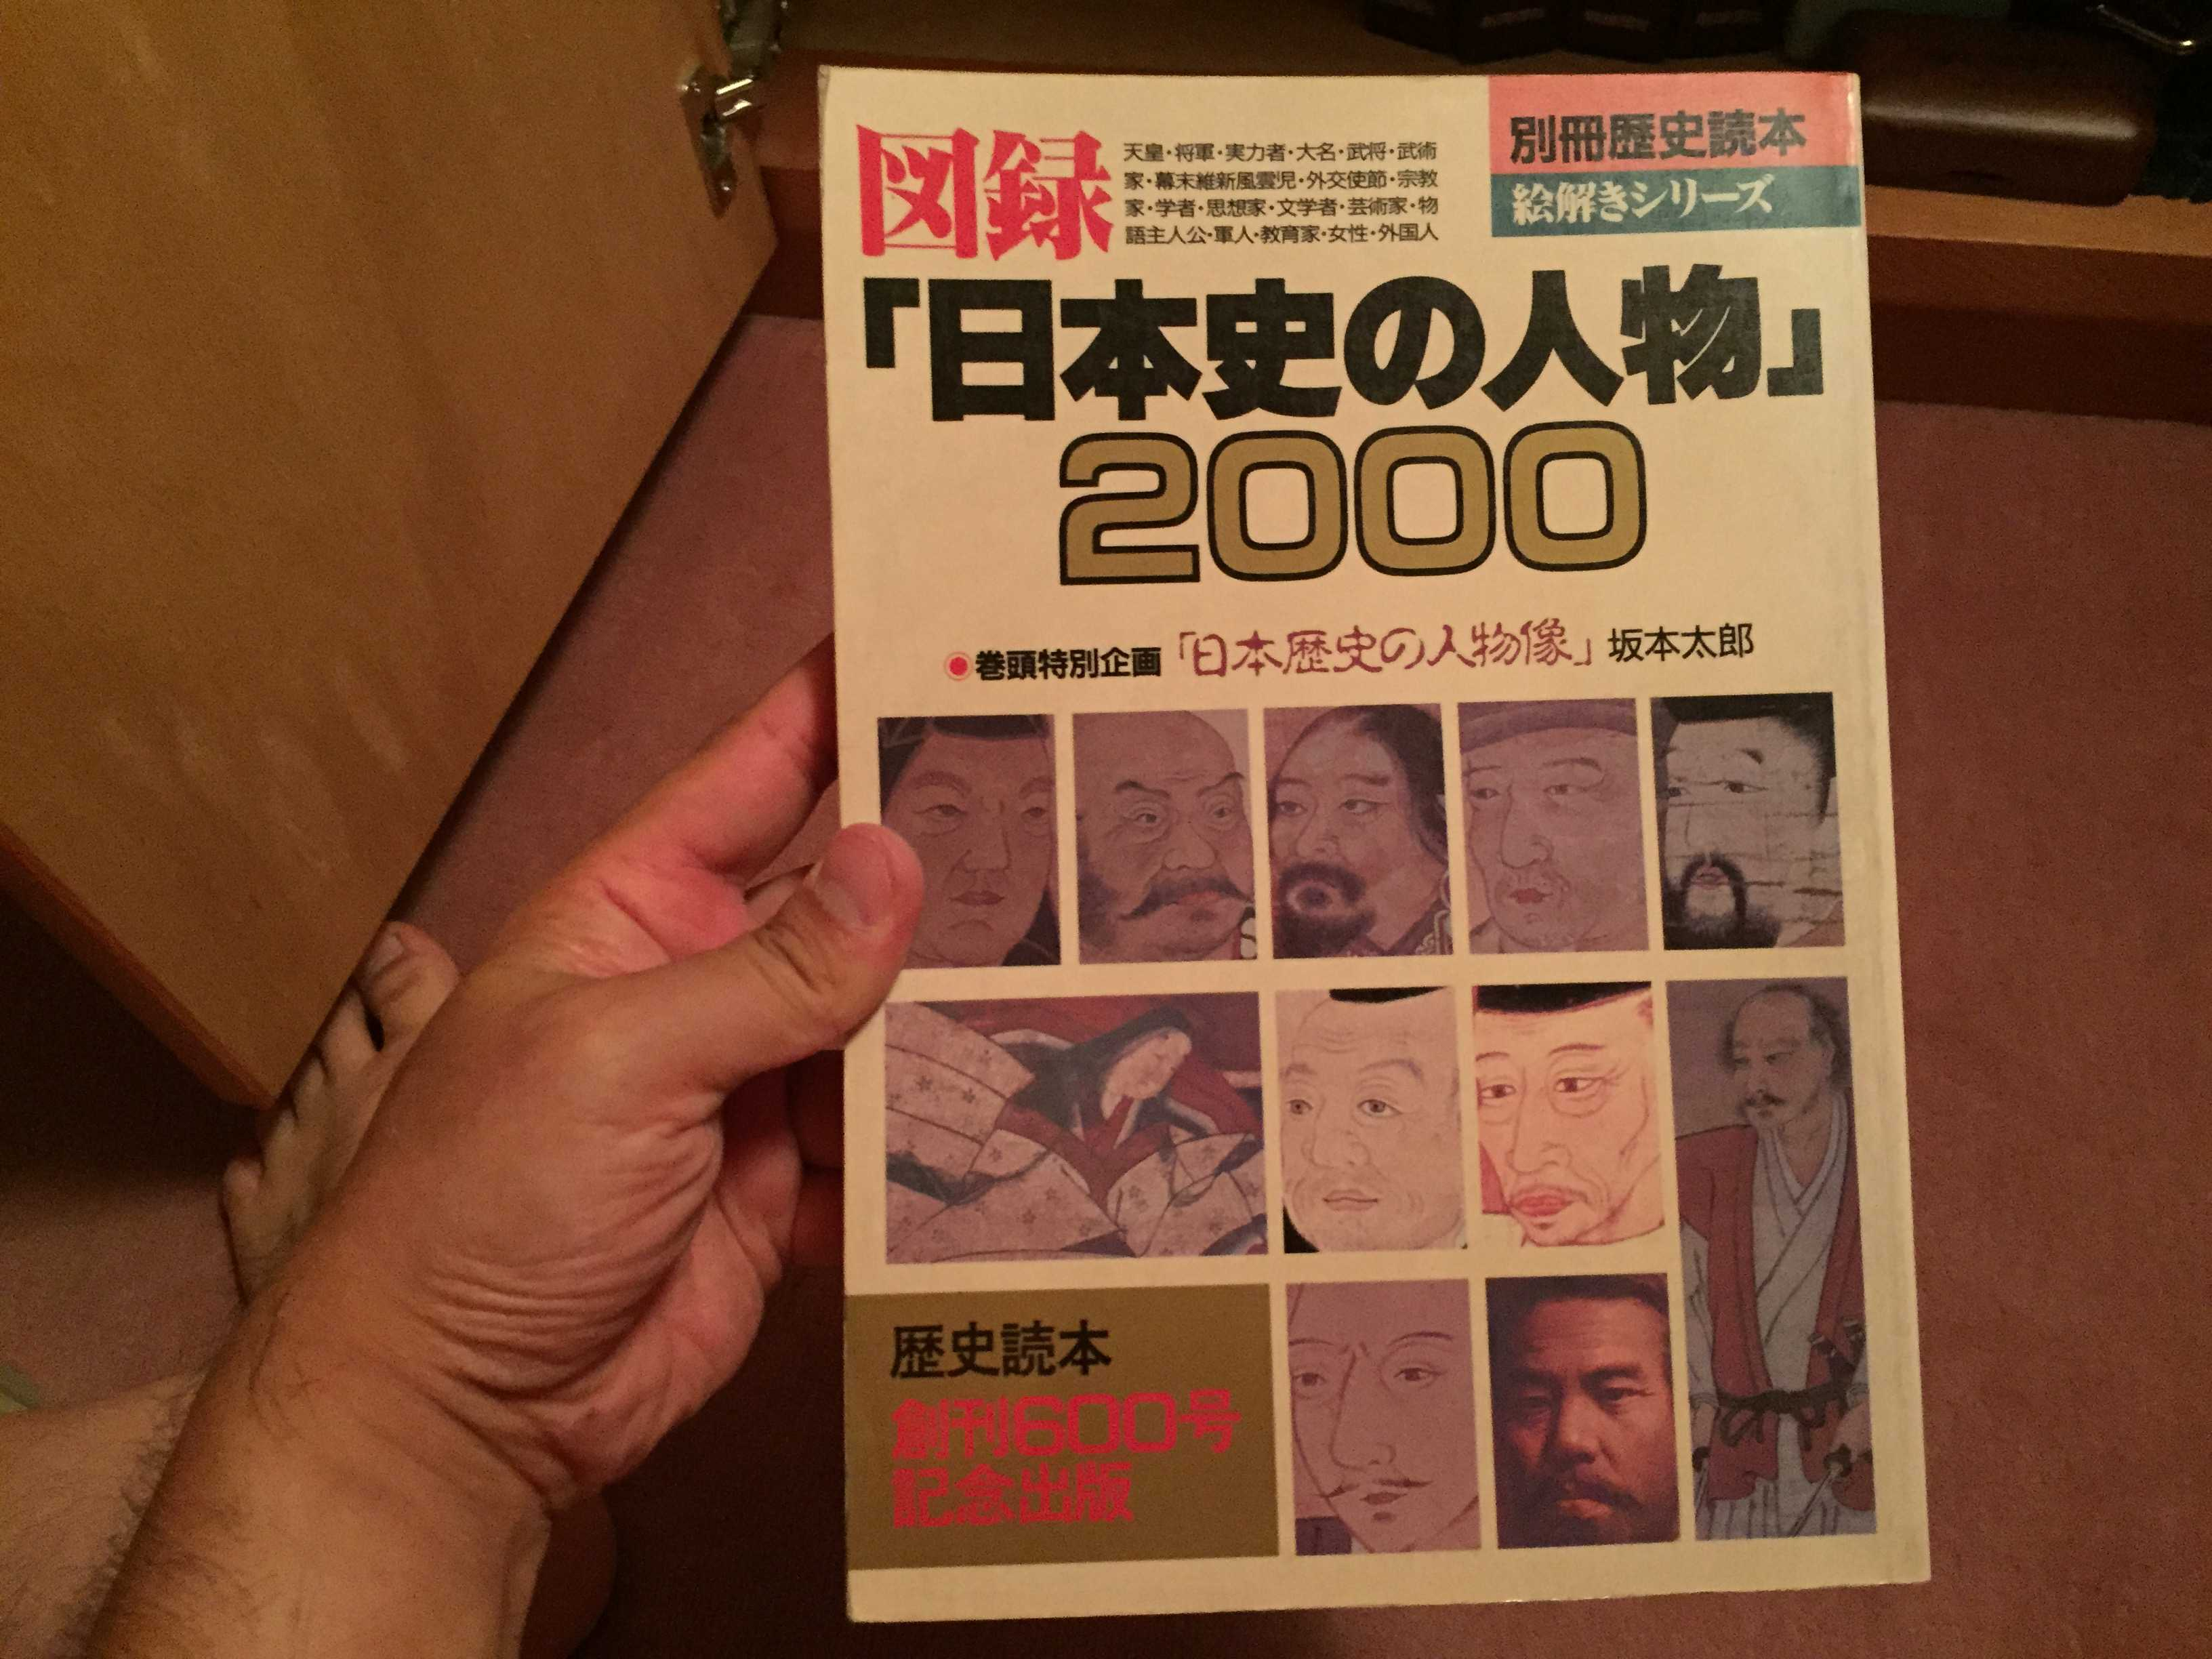 図録「日本史の人物」2000 (別冊歴史読本 絵解きシリーズ)